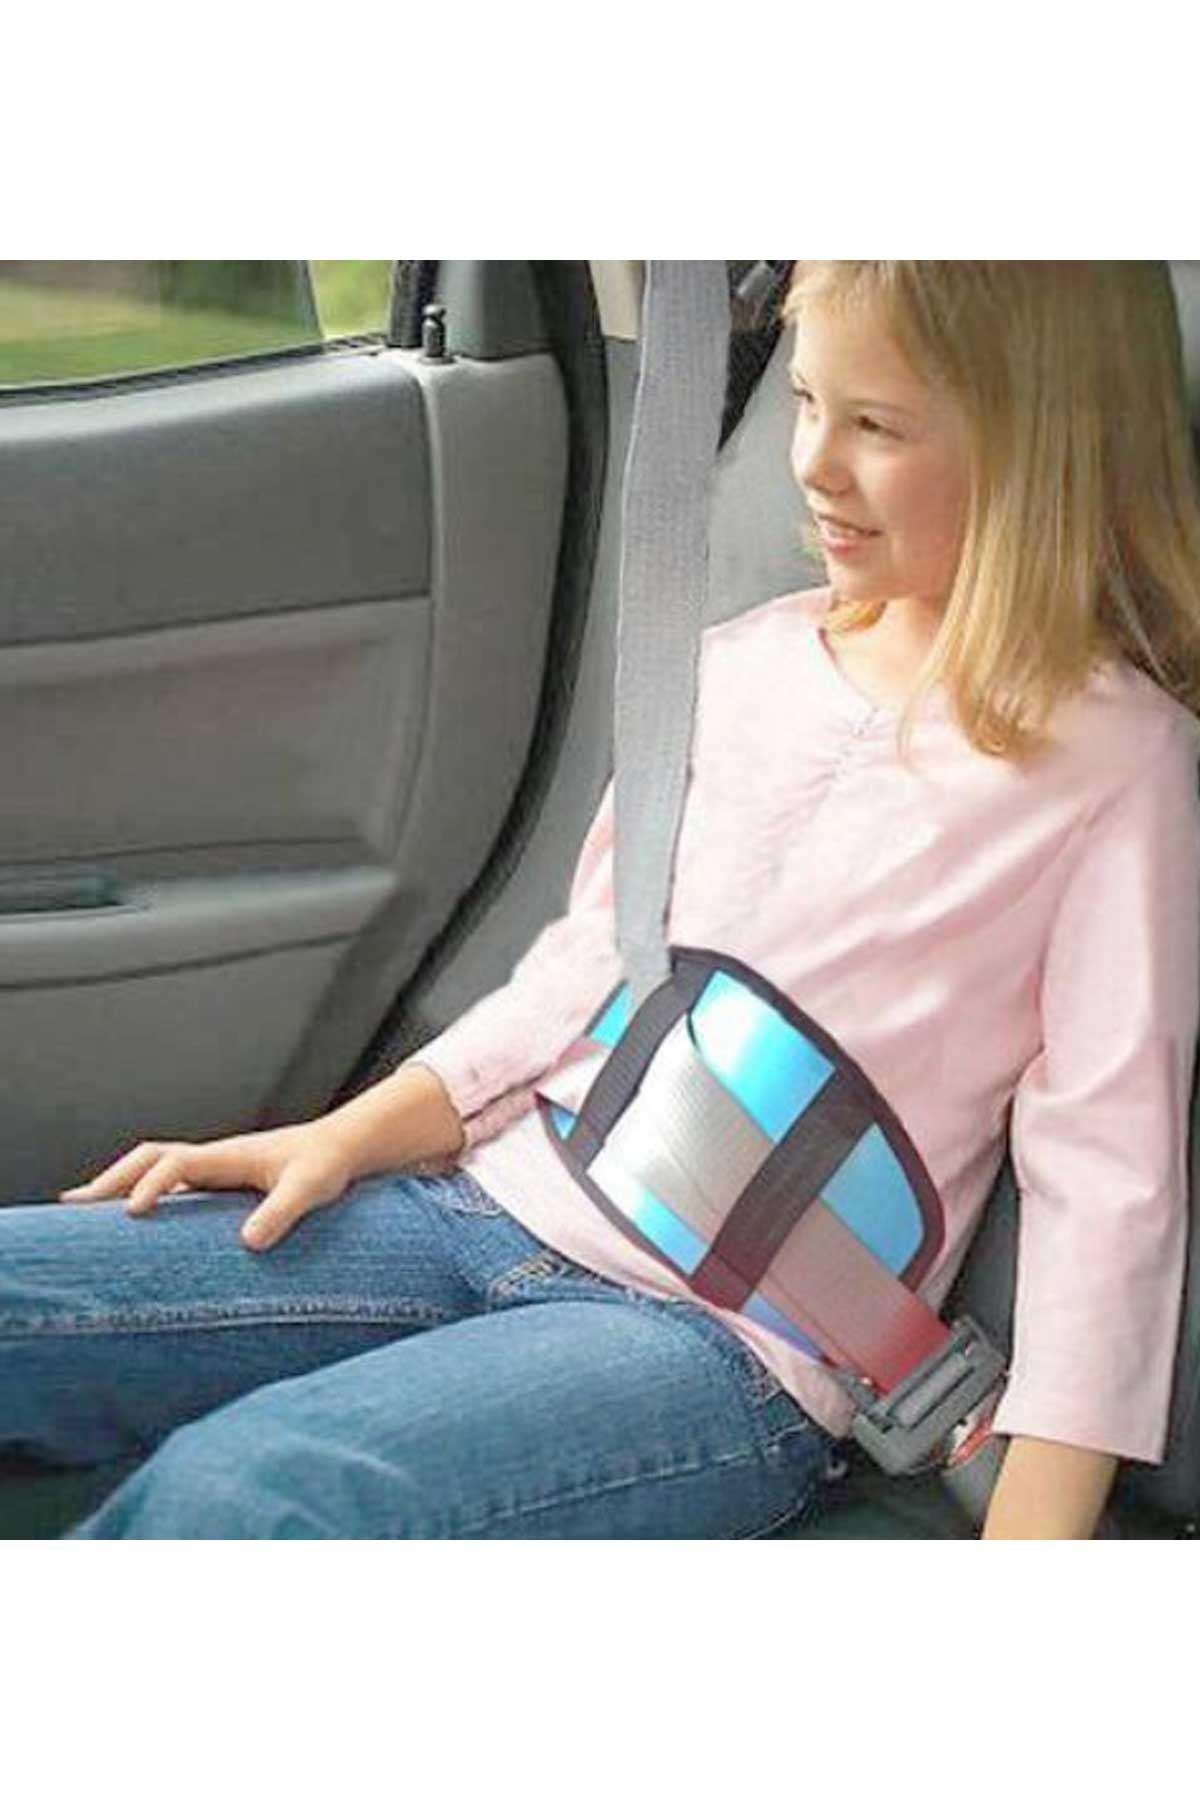 Mavi Soft Çocuk Emniyet Kemeri Düzenleyici Oto Emniyet Kemeri Tutucu